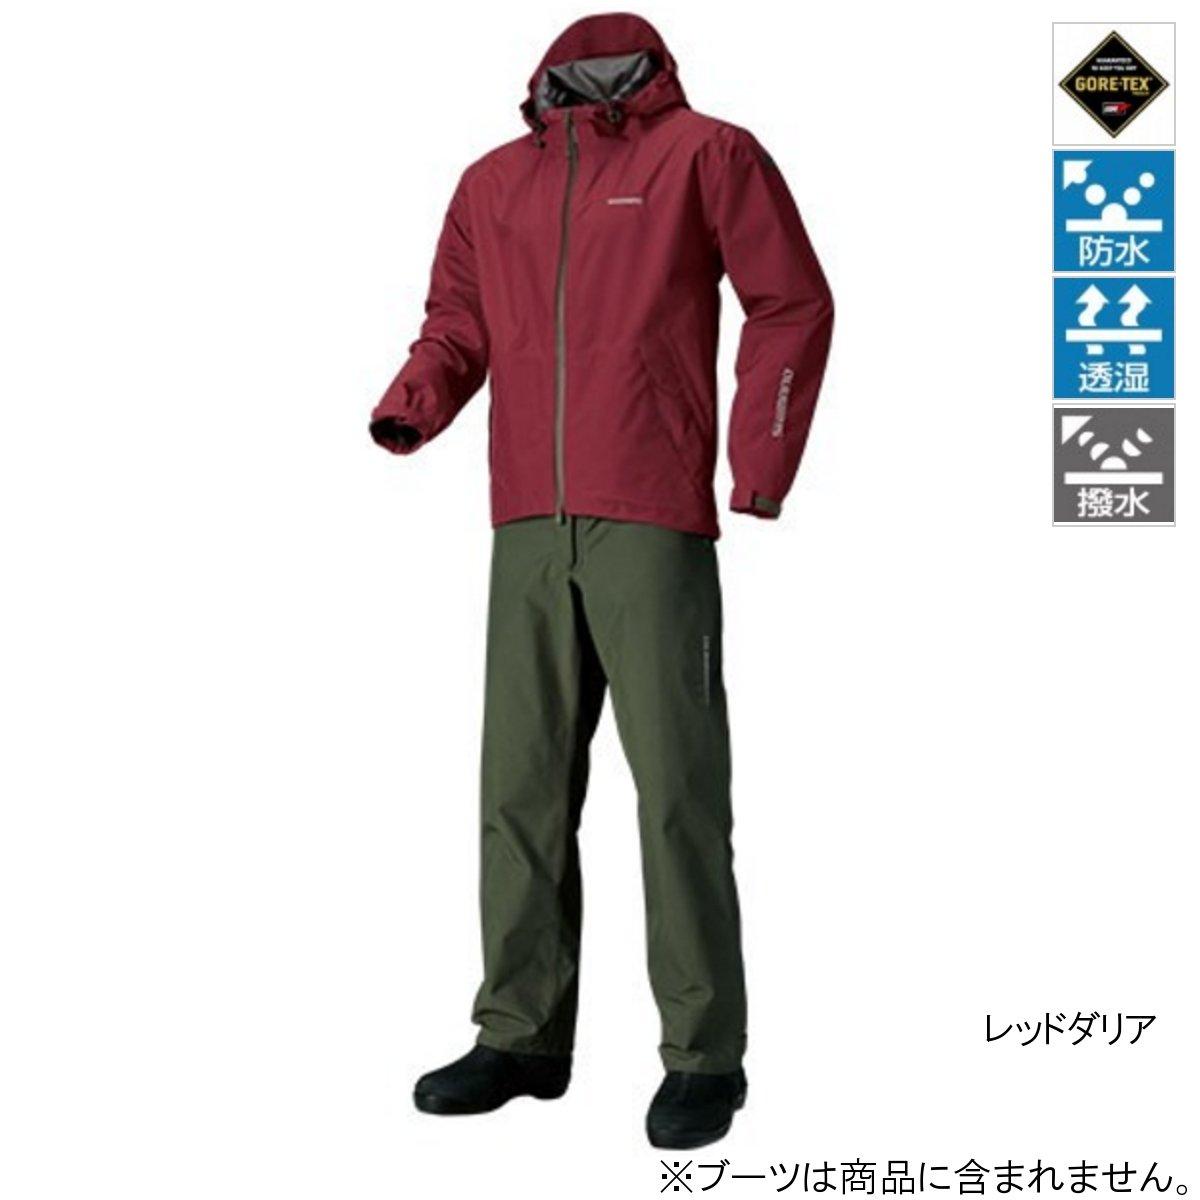 シマノ GORE-TEX ベーシックスーツ RA-017P B01IHAJJMO Small|レッドダリア レッドダリア Small